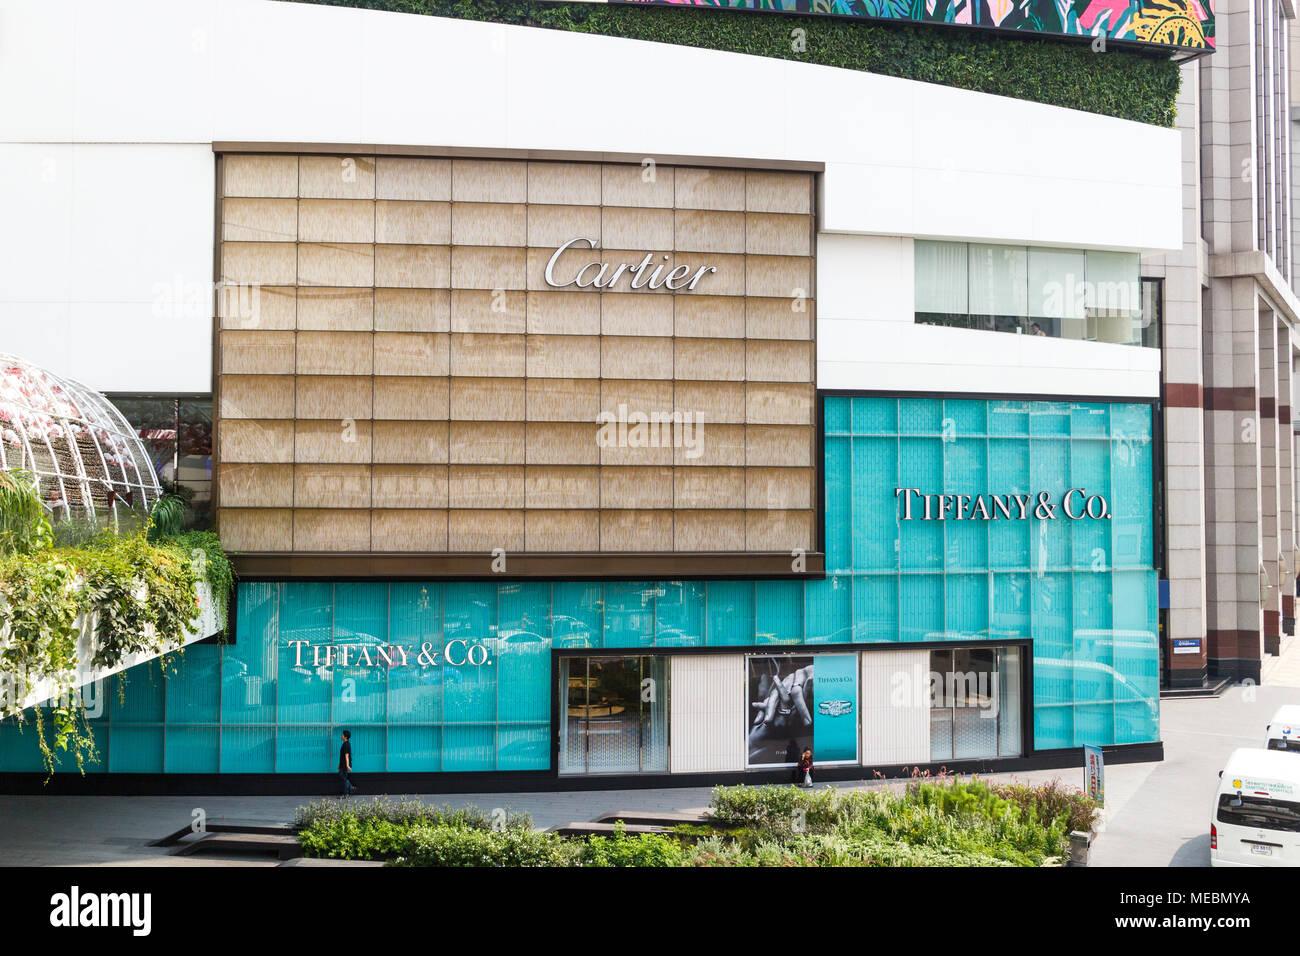 Emporium Shopping Mall Stock Photos & Emporium Shopping Mall Stock ...